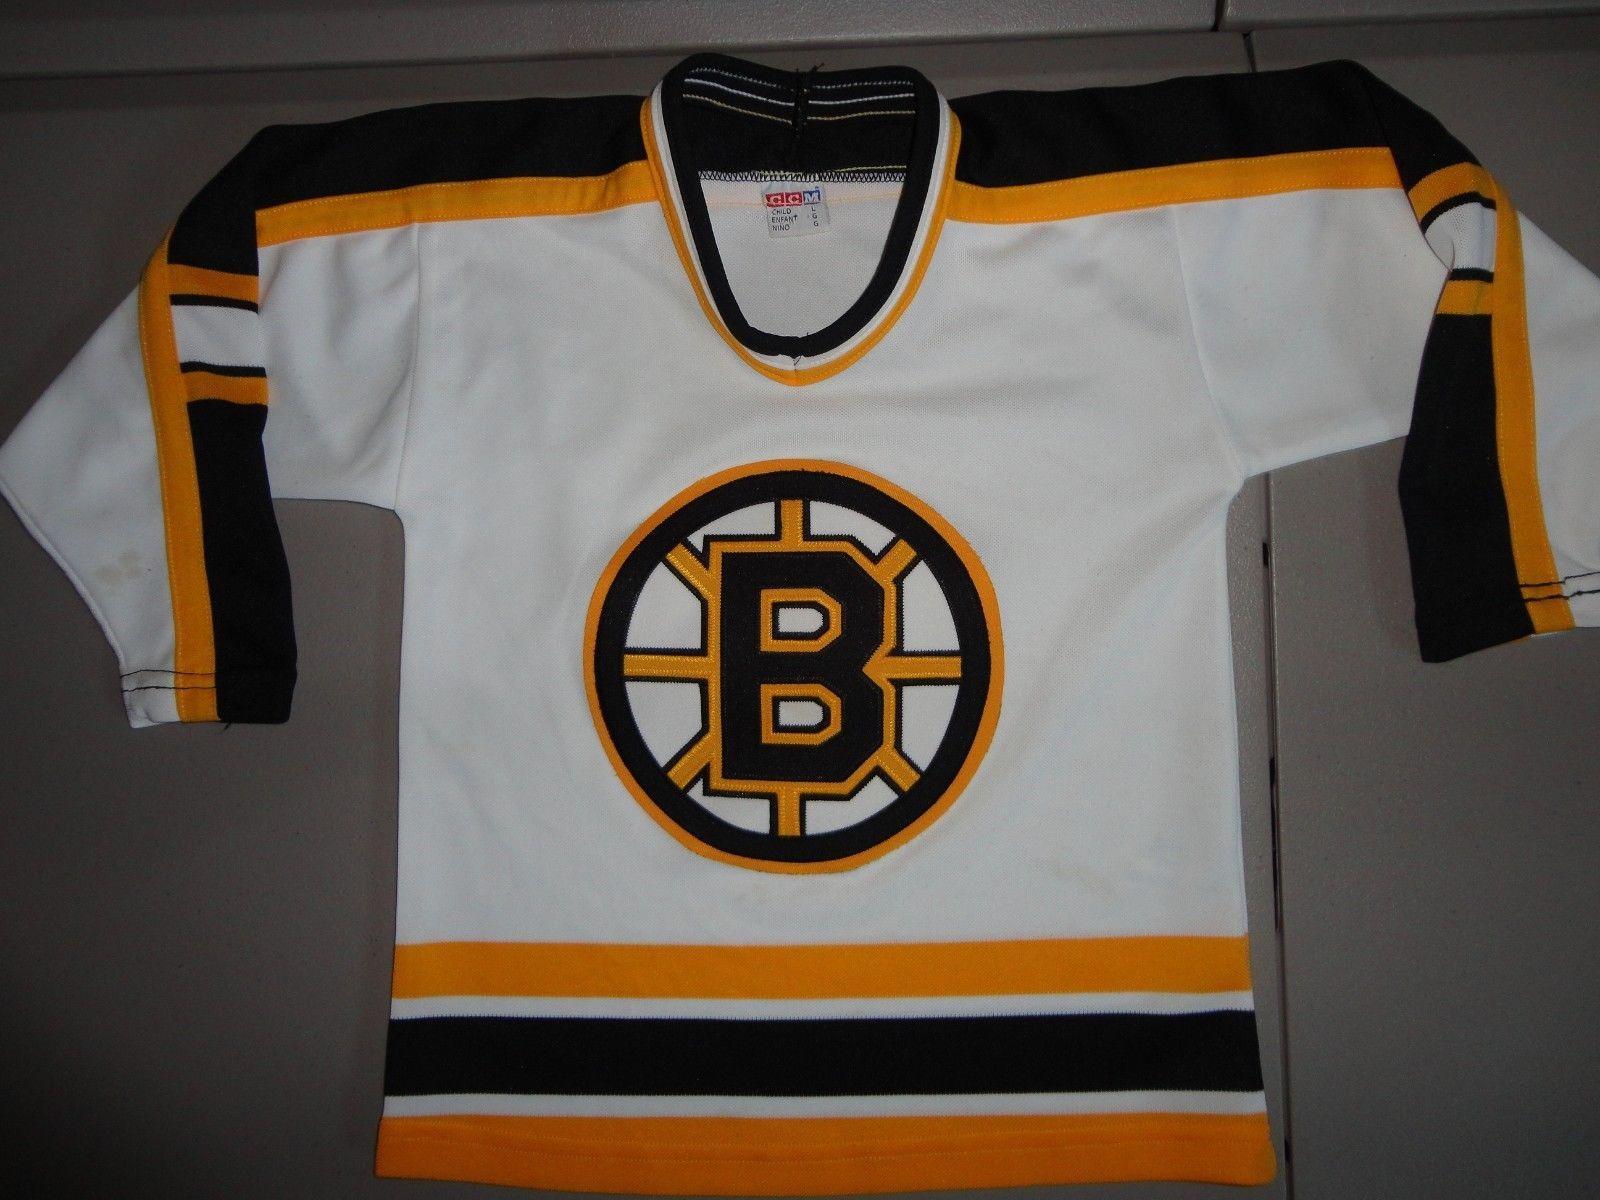 S l1600. S l1600. Previous. Boston Bruins SEWN CCM NHL Hockey White Jersey  Kids Boys Size L · Boston Bruins SEWN CCM NHL ... b7552b884